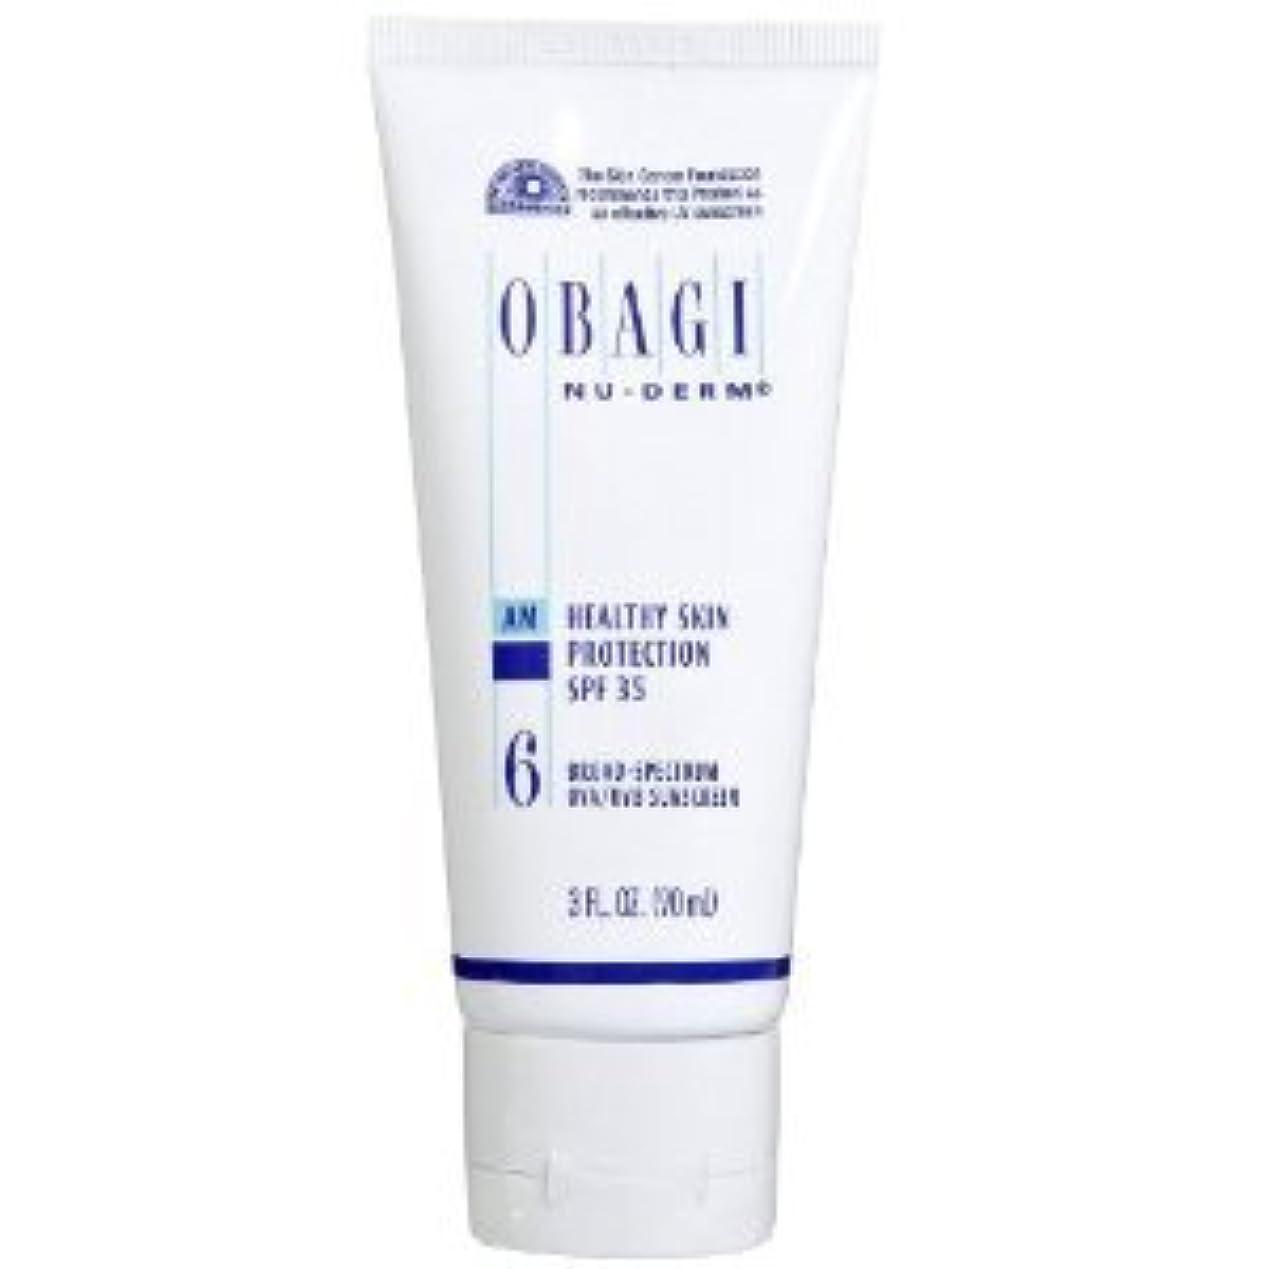 努力証言葬儀オバジ ニューダーム スキンプロテクション サンスクリーン(SPF35) Obagi Nu-Derm Healthy Skin Protection SPF 35 Sunscreens